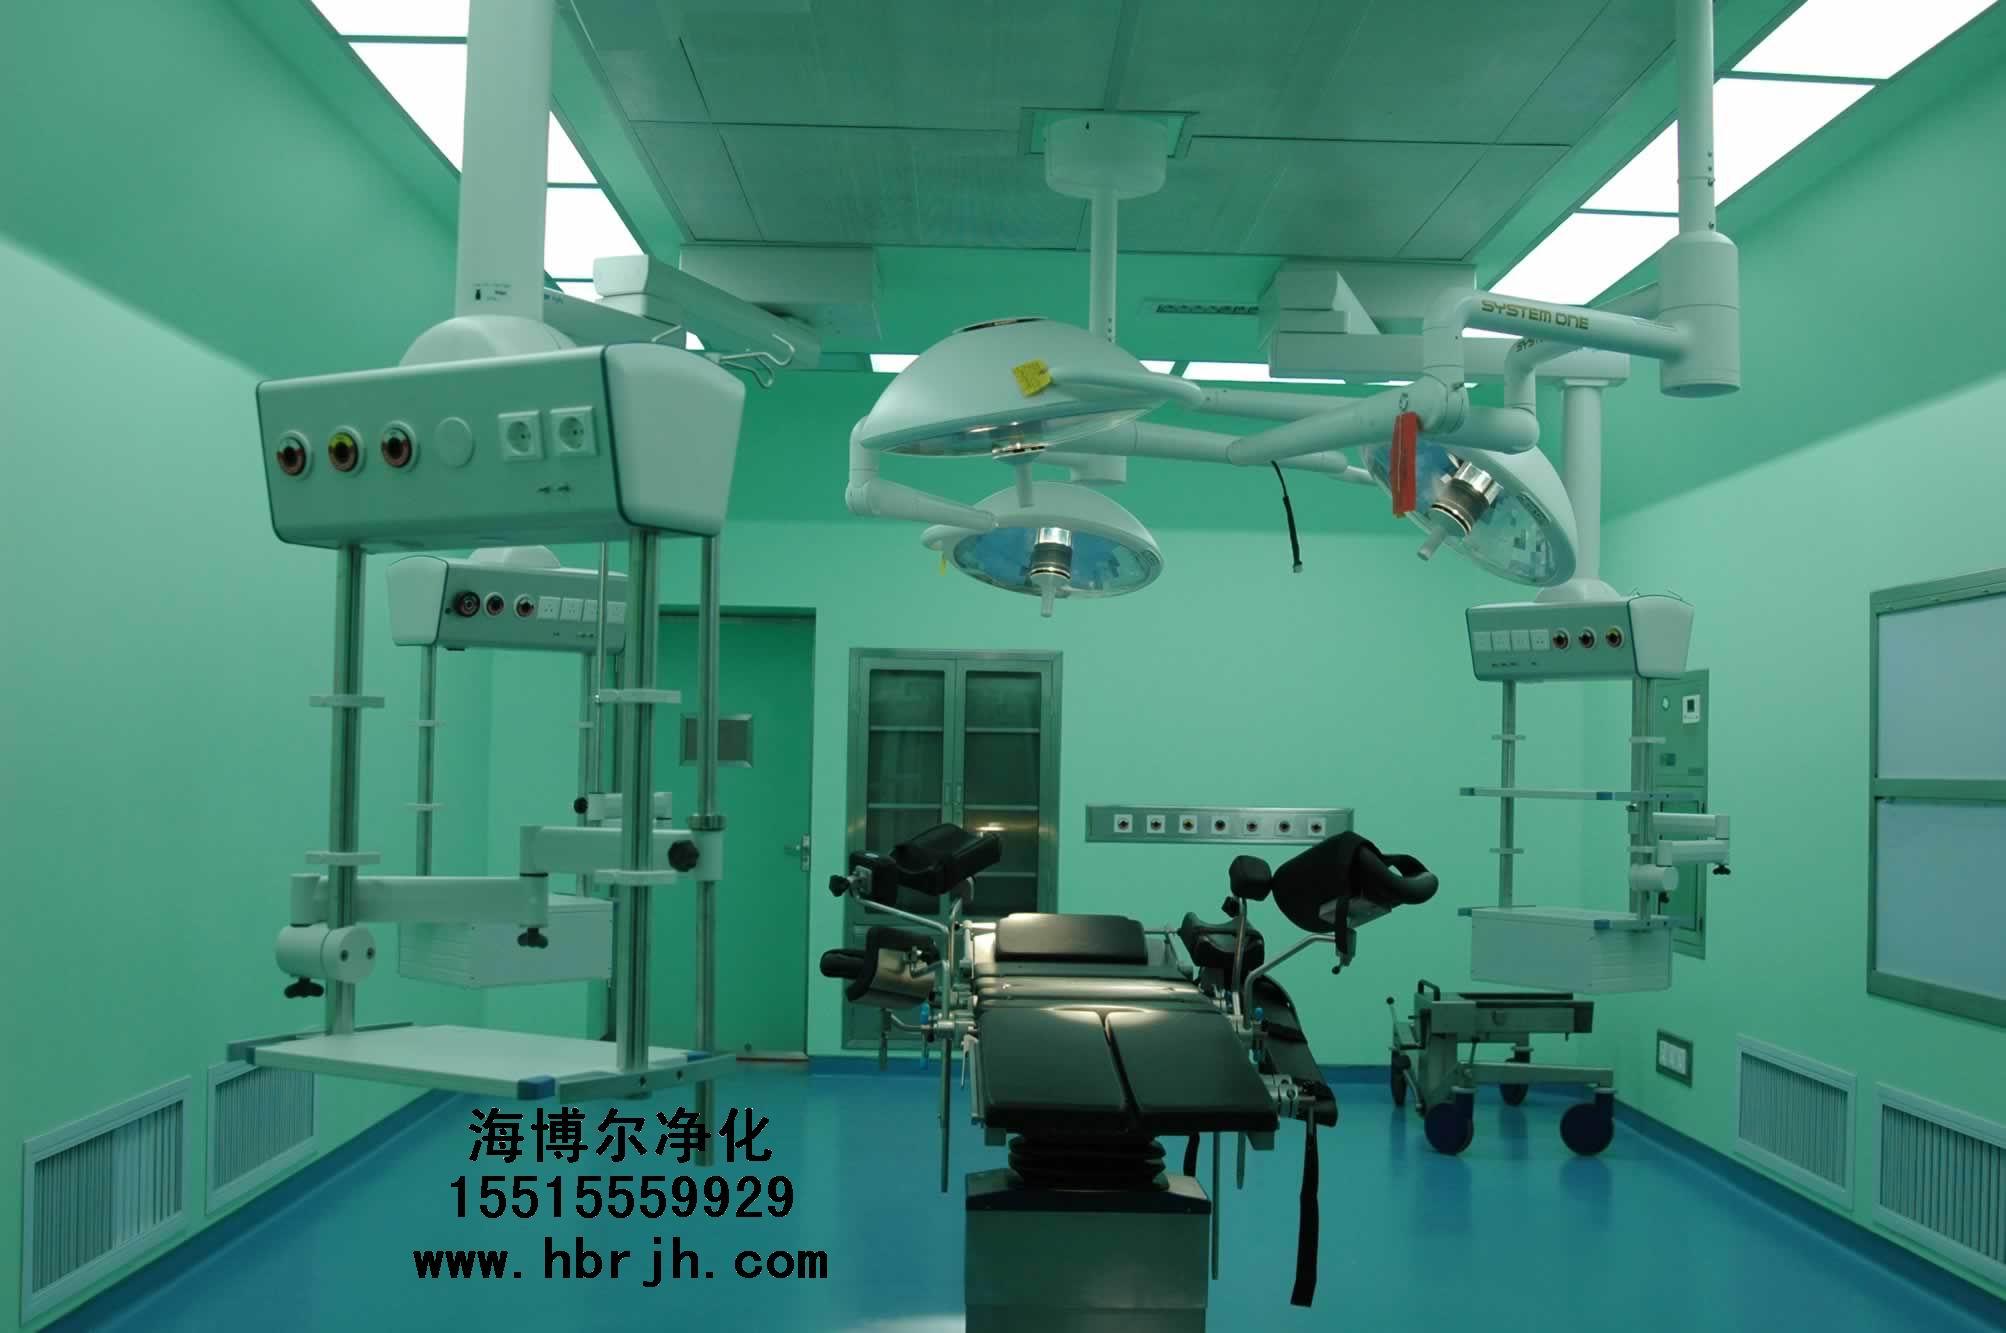 百级层流手术室,医院净化工程,手术室净化